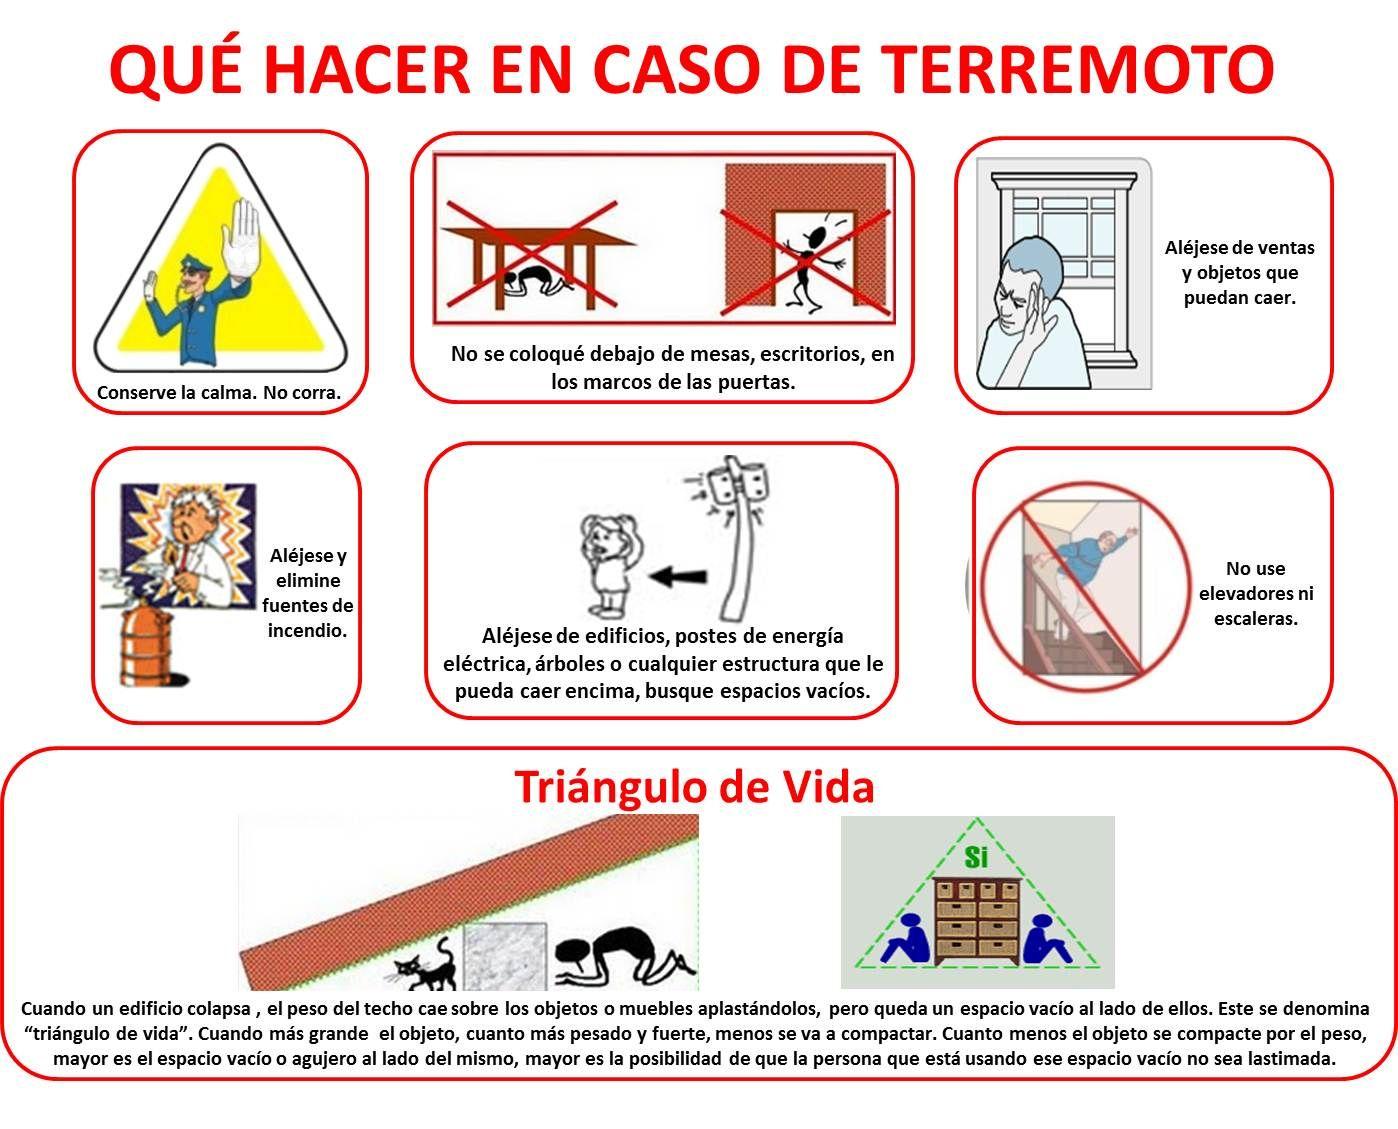 59 Best Imperativo Images Teaching Spanish Spanish